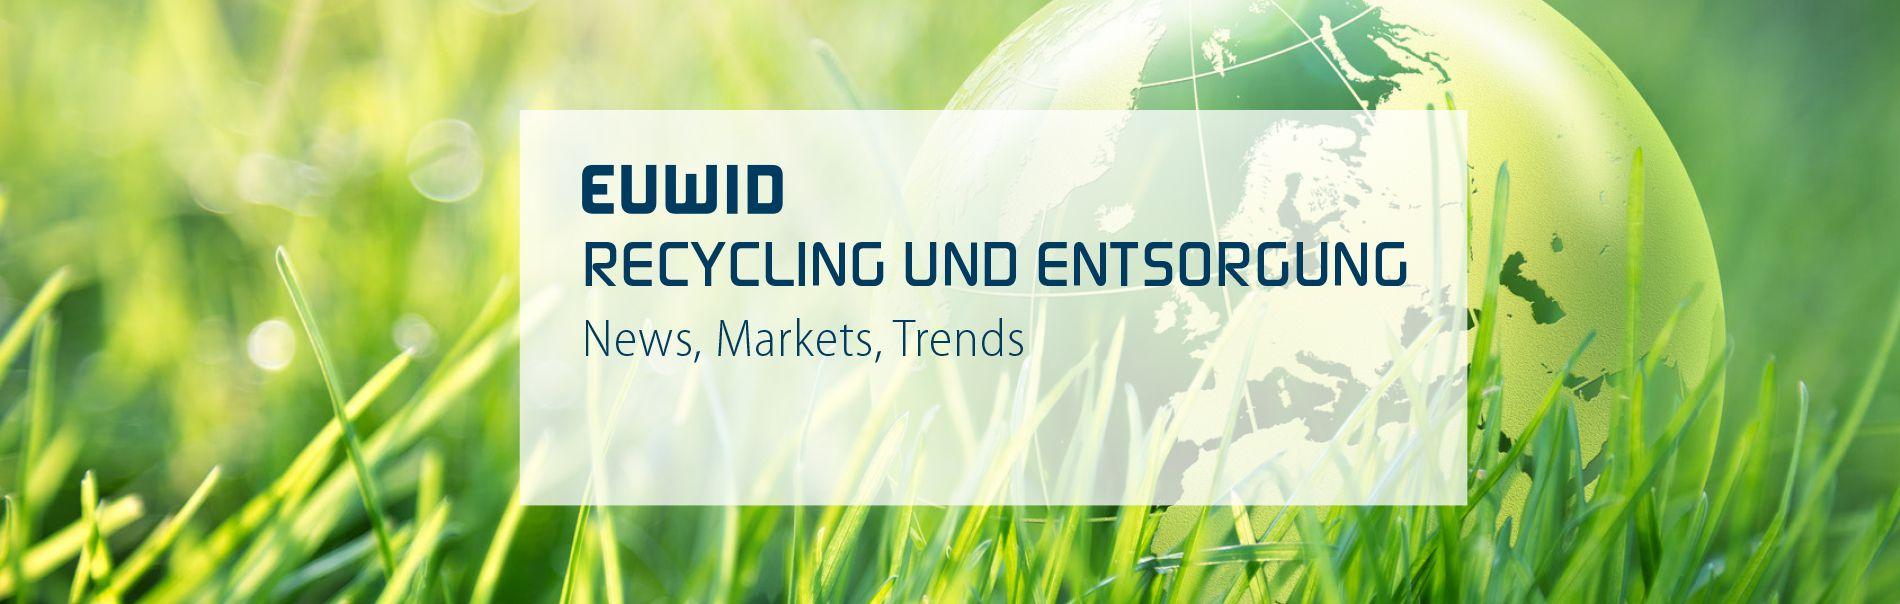 EUWID Recycling und Entsorgung waste englisch